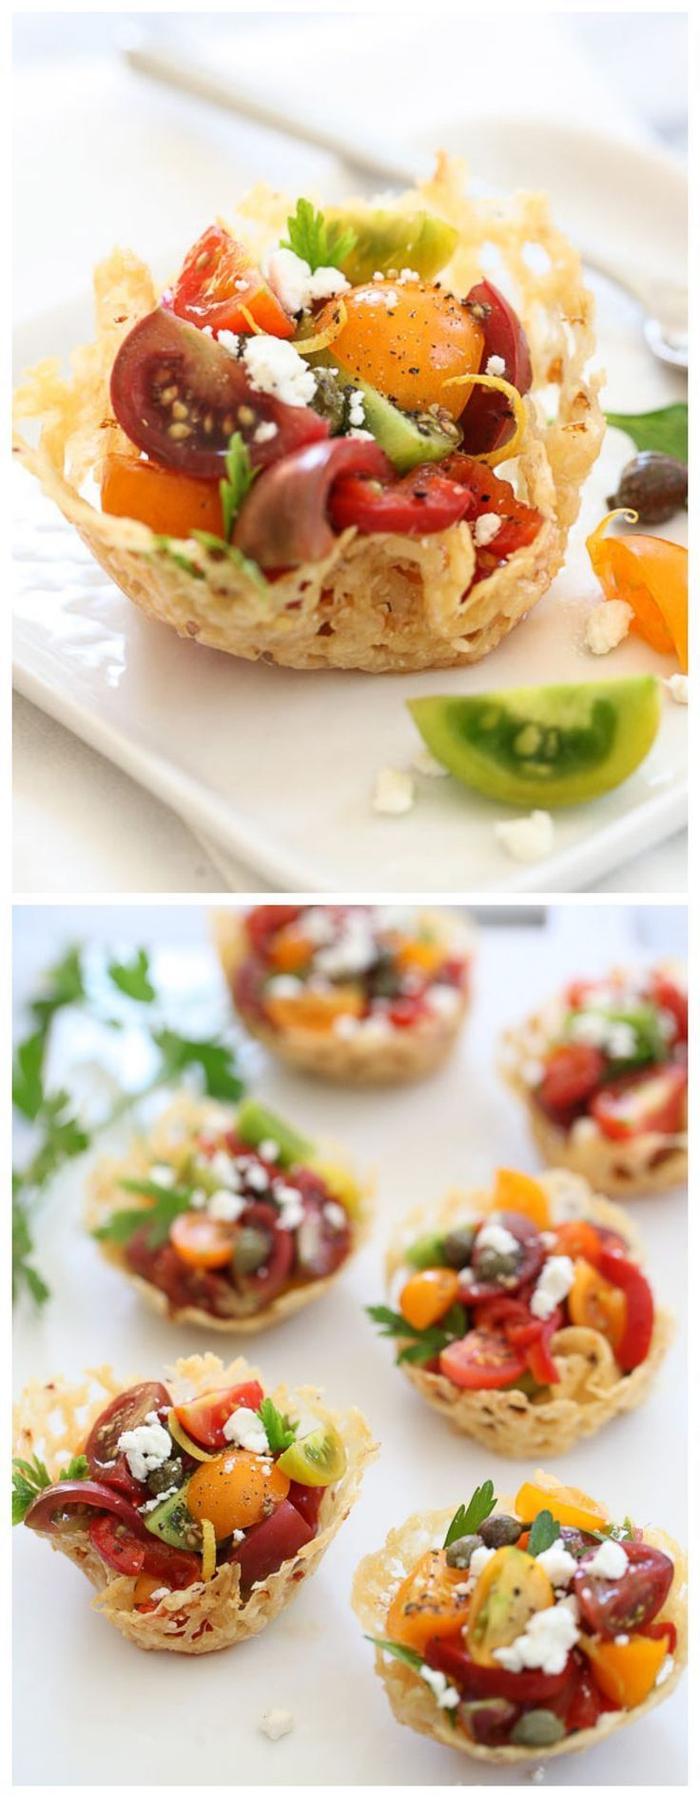 eier und gemüse backen und in einer form gestalten, vegetarische vorspeisen rezepte und anleitungen zum ausprobieren